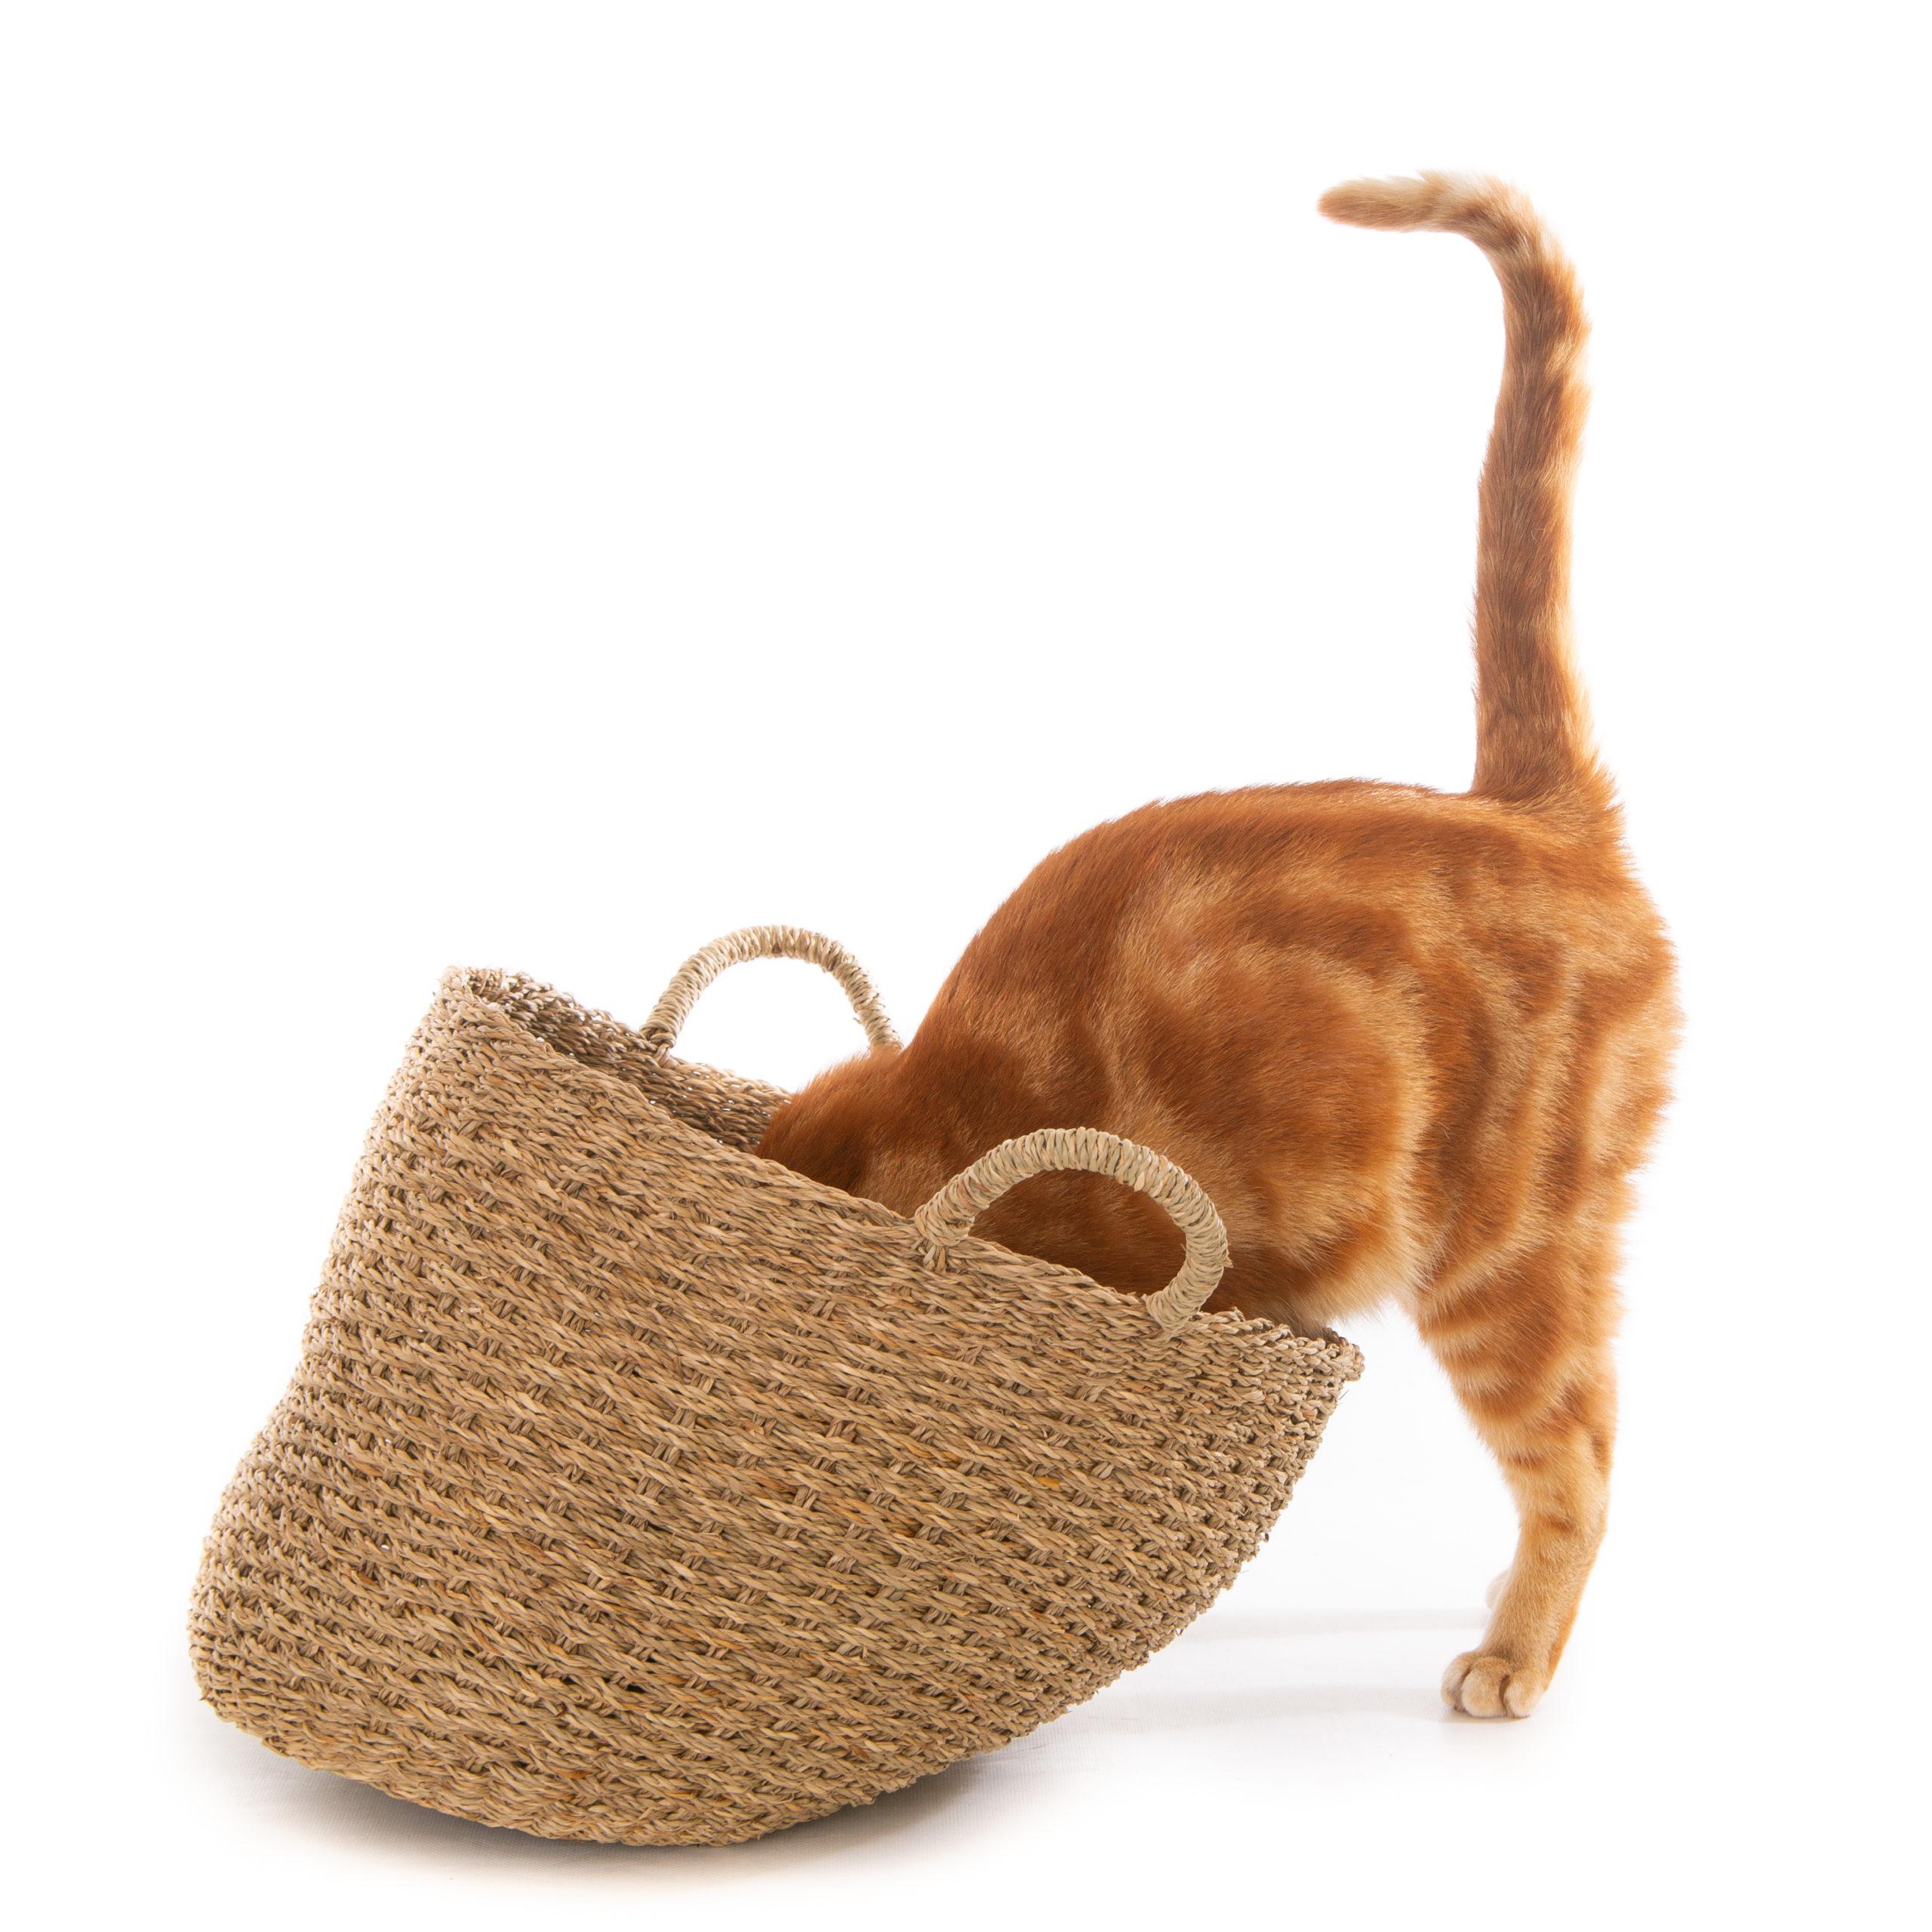 猫にしっぽがついている3つの意味とは?